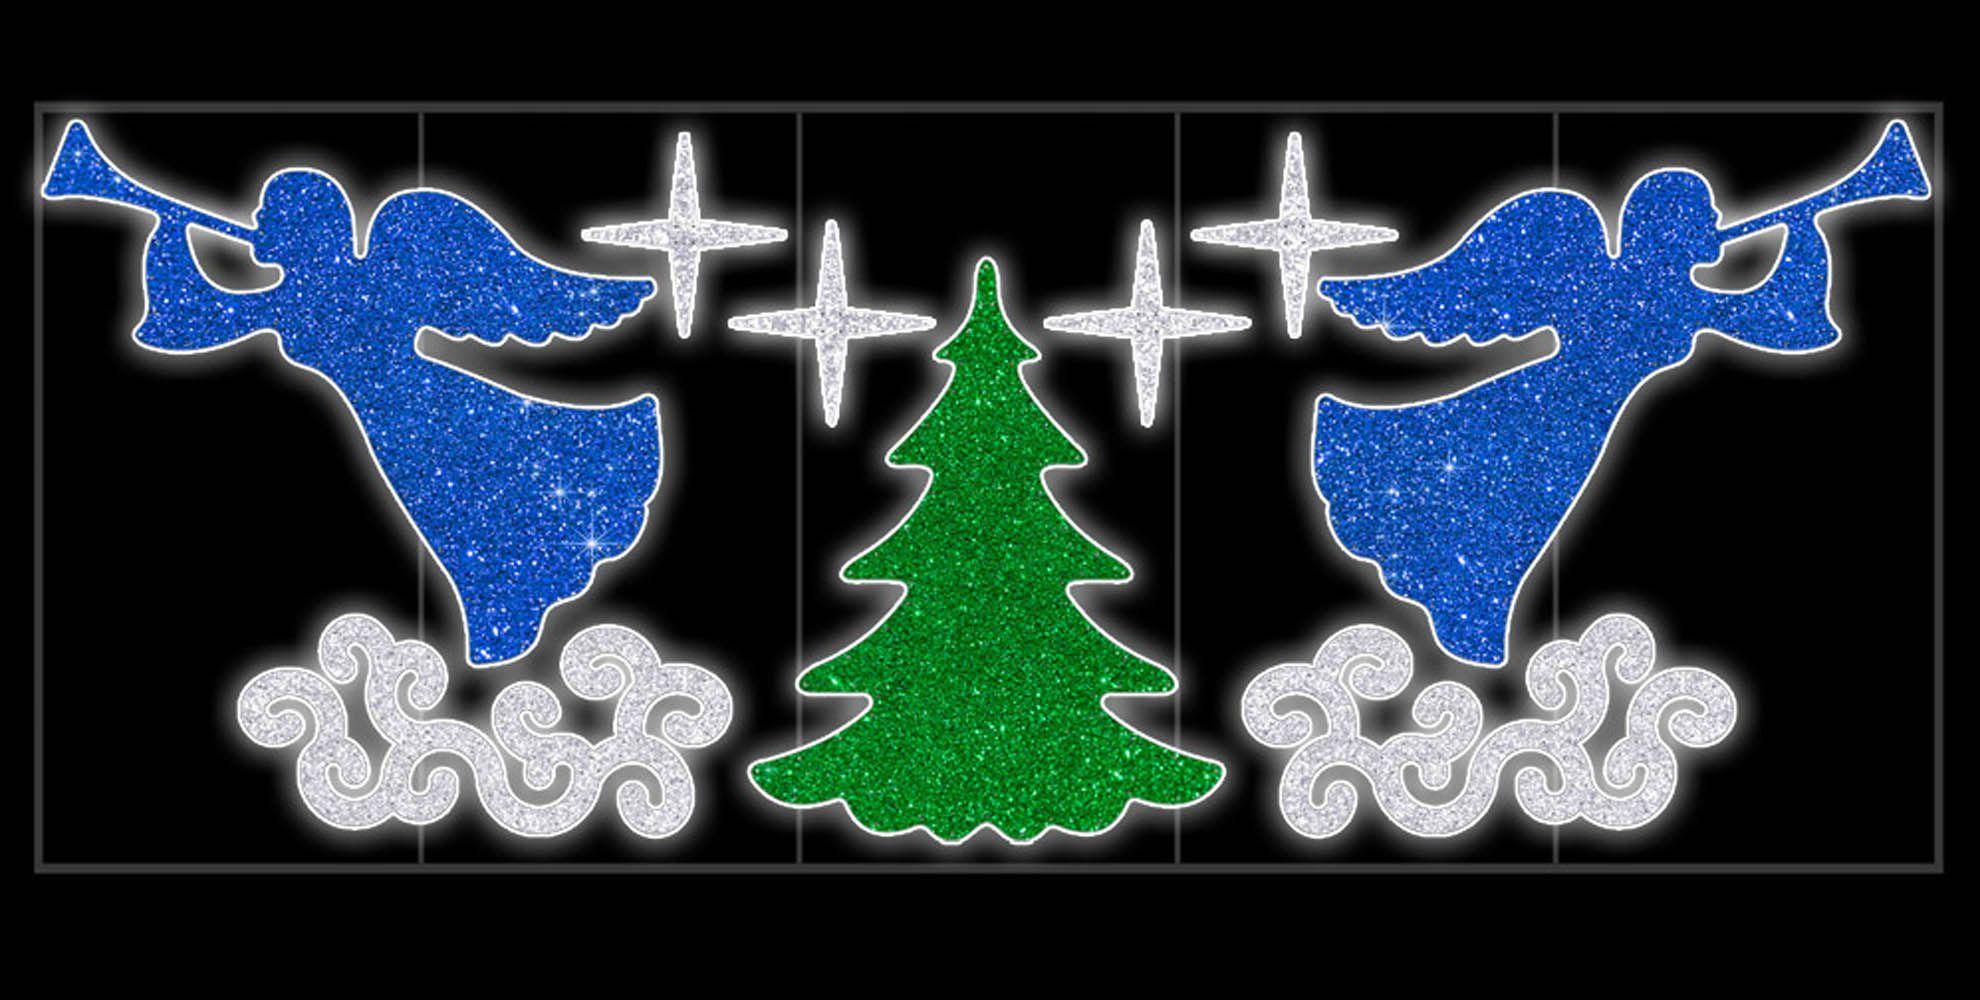 PO-006 - Decoração Color Mdf Painel Iluminado Led Anjos e Pinheiro - (Veja Opções Tamanhos)